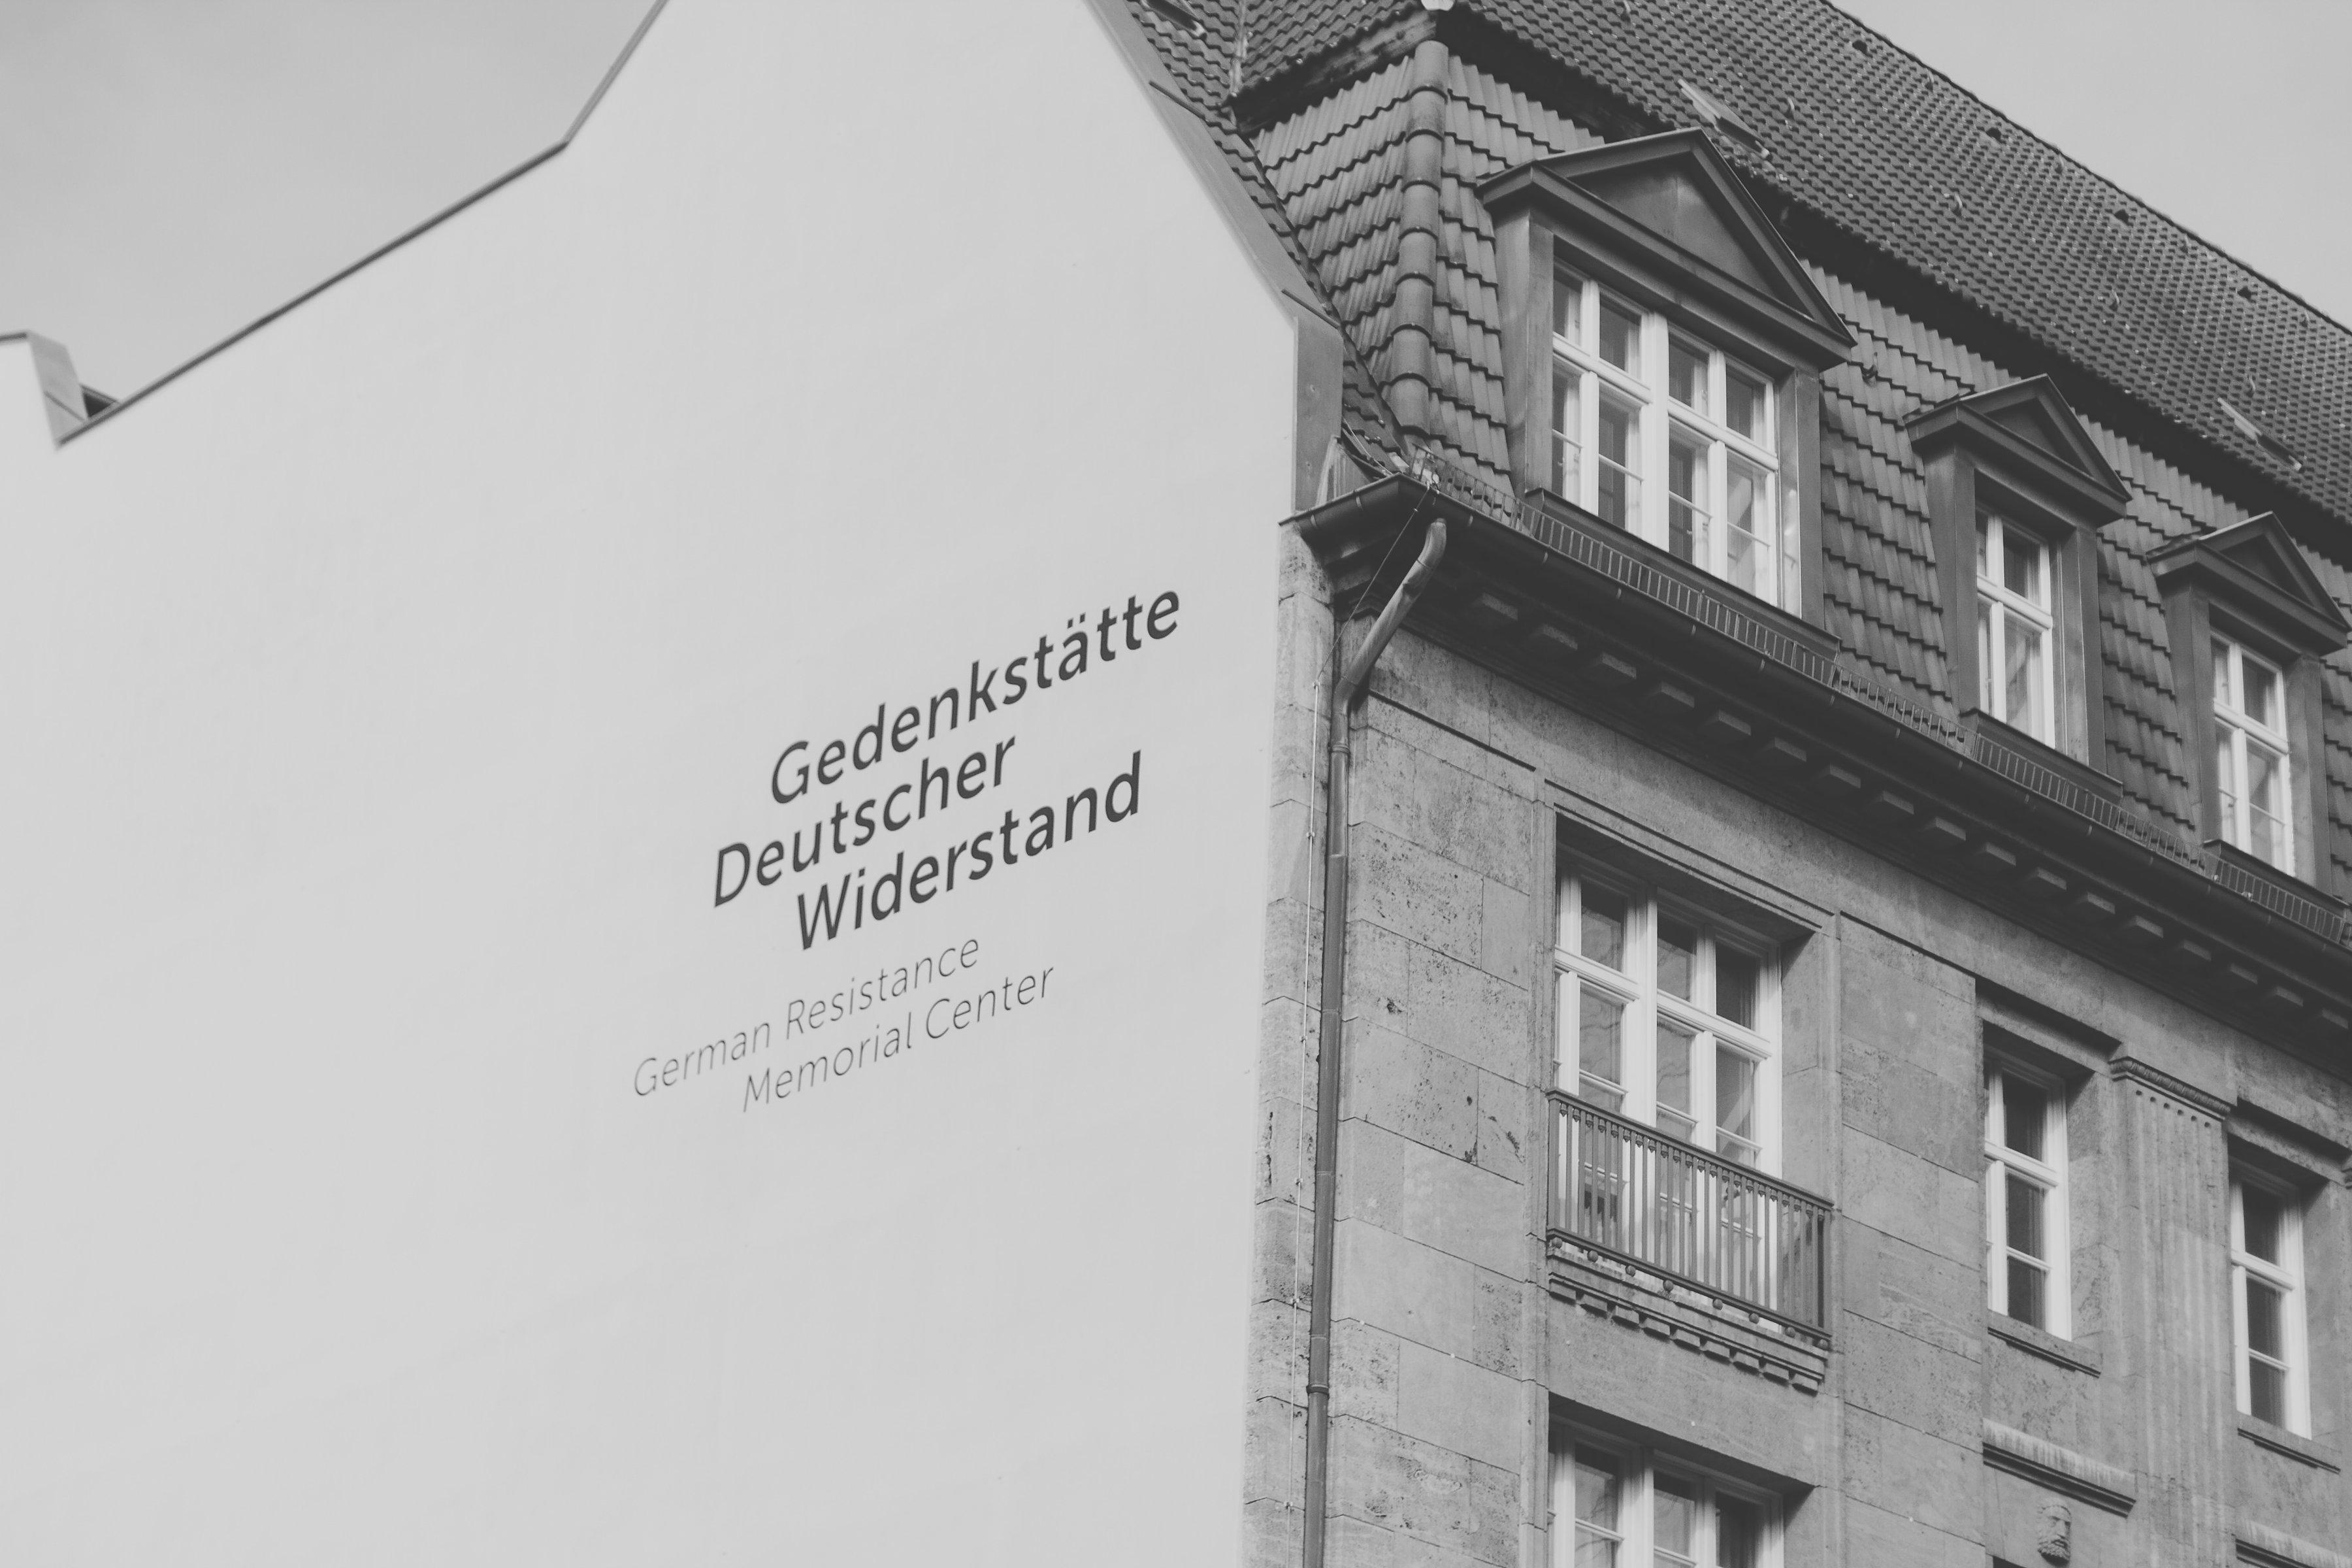 CS_juzelohr-berlin-210